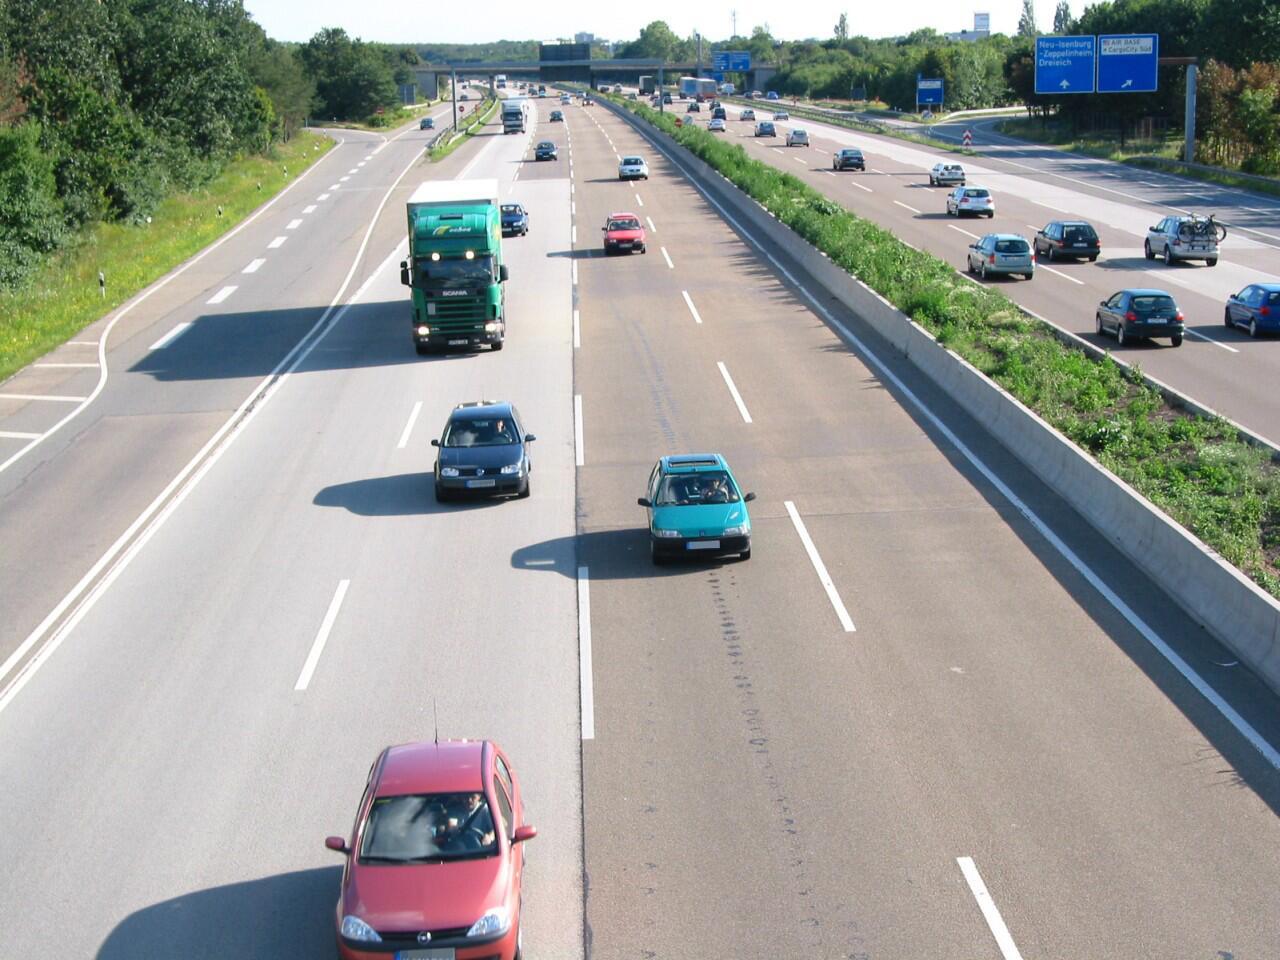 Bild zu Richtgeschwindigkeit: Auf der Autobahn werden 130 km/h empfohlen